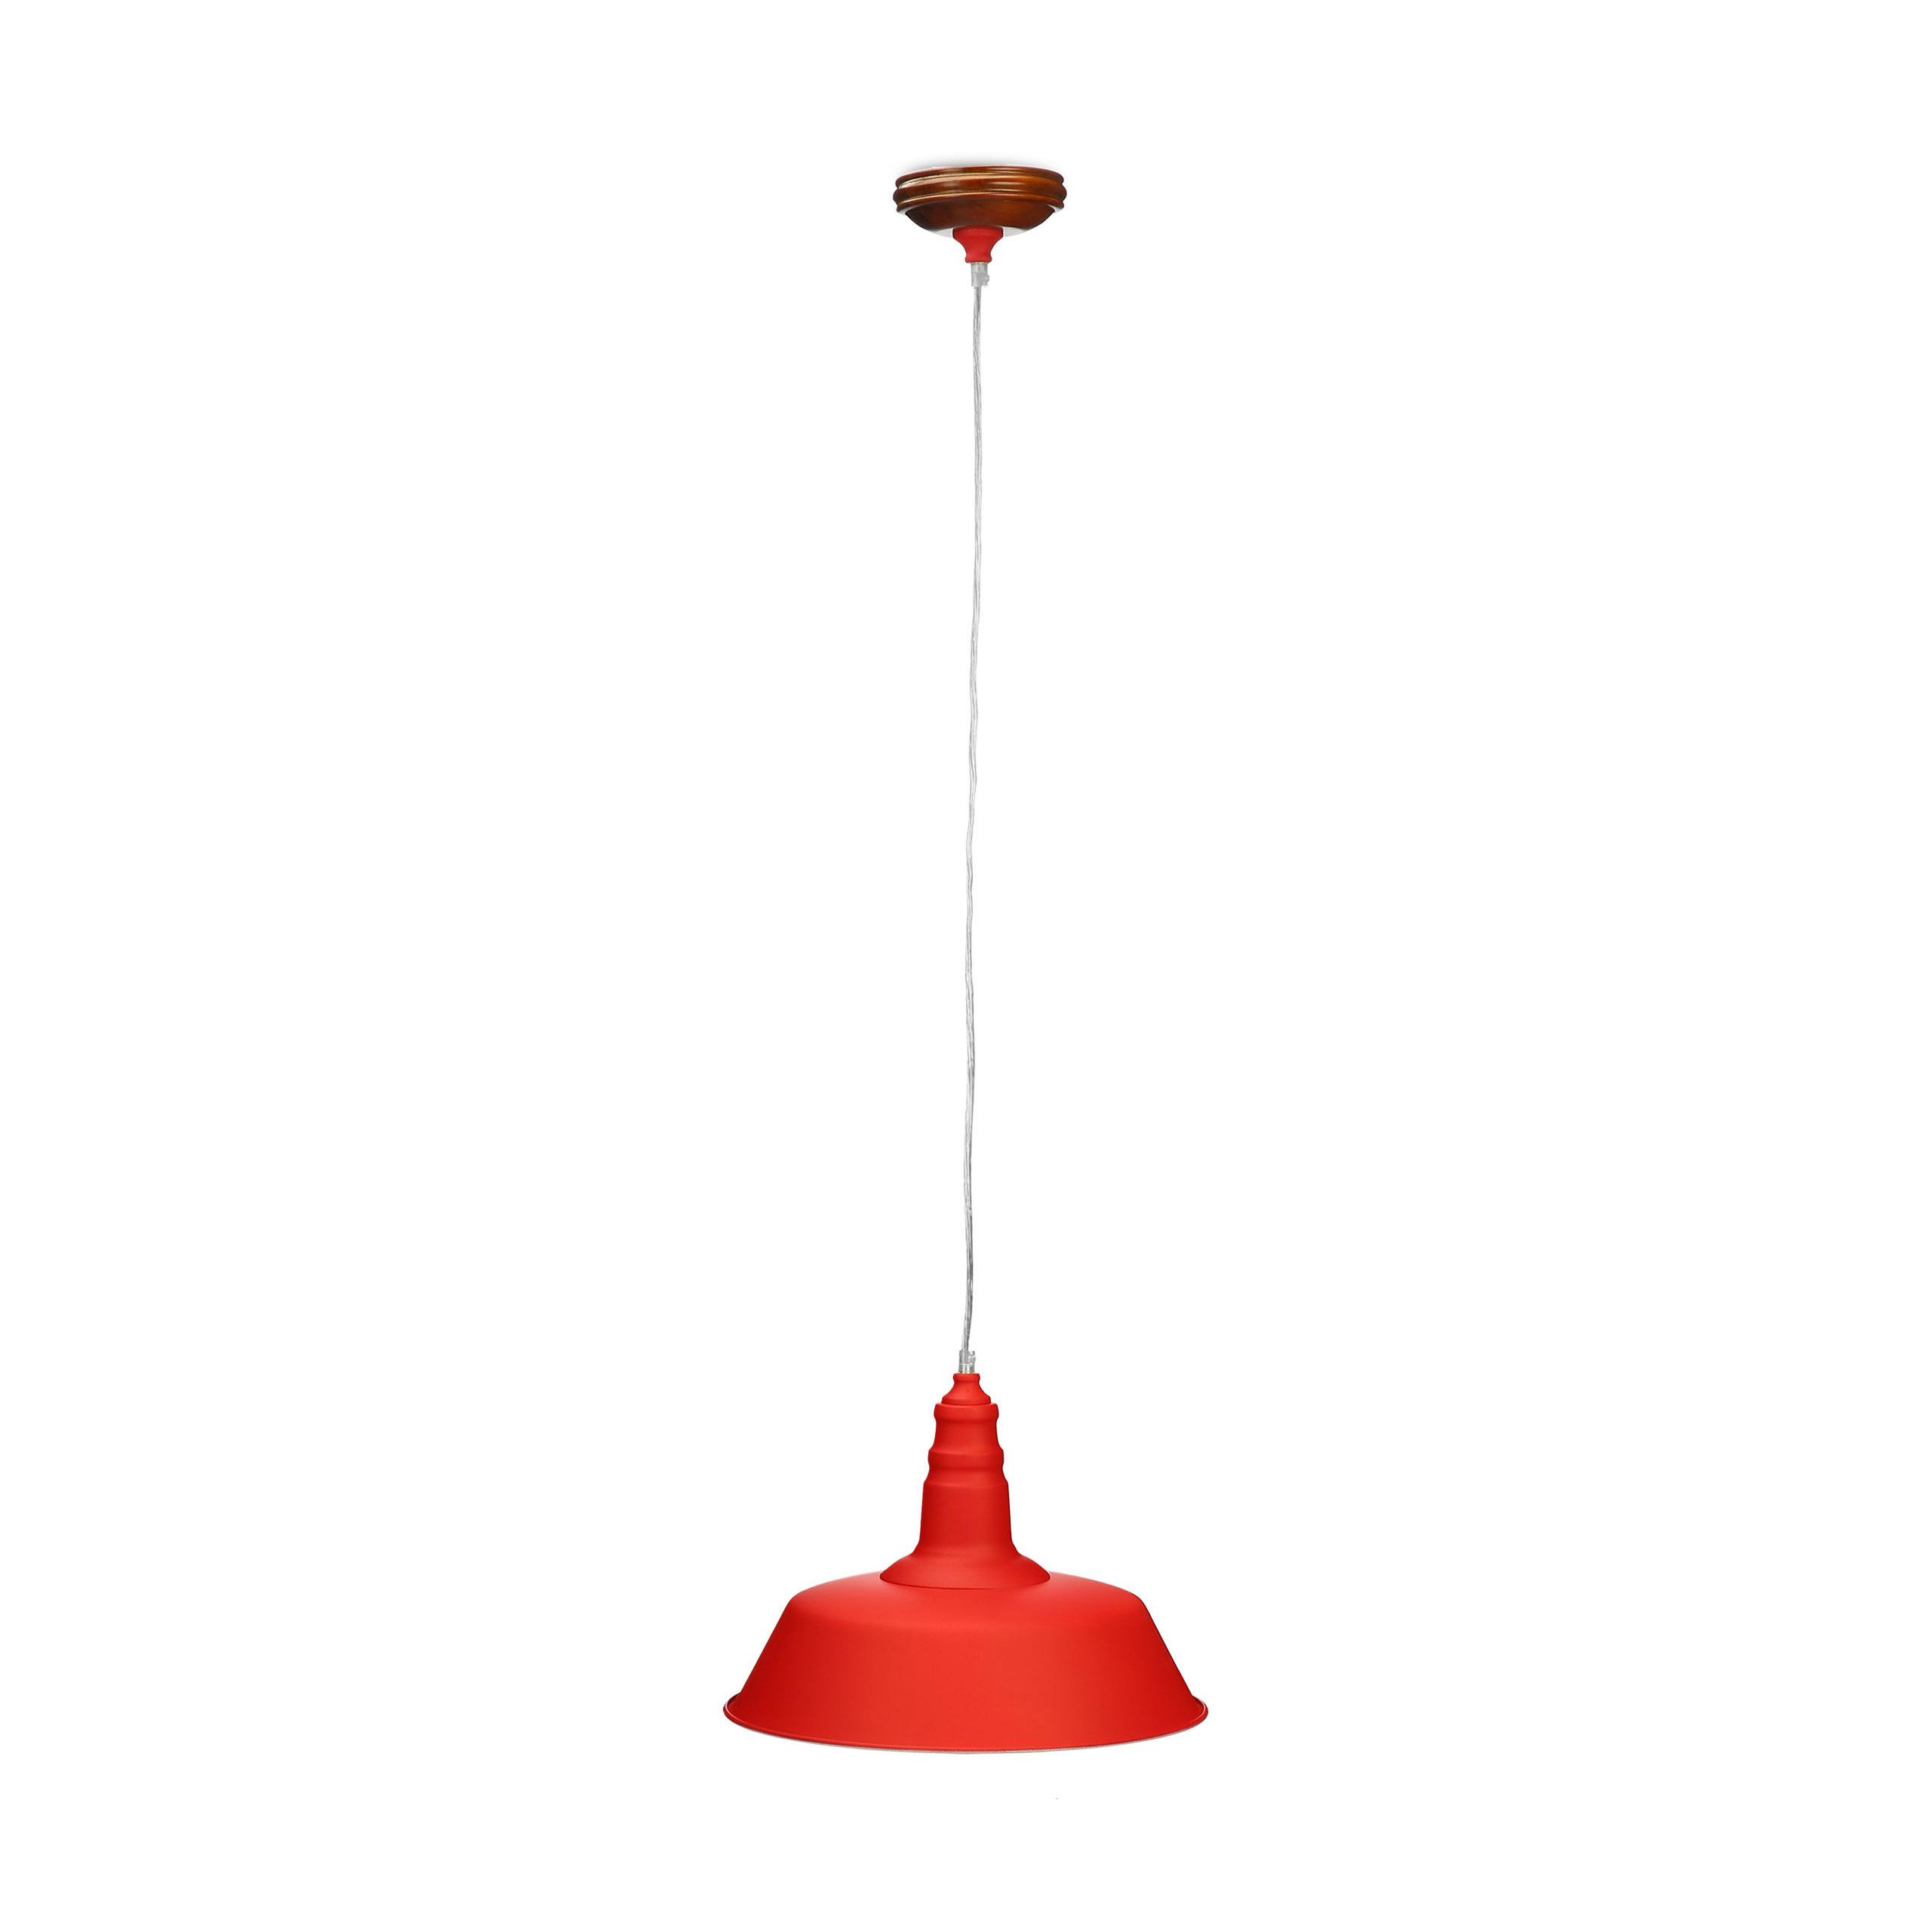 Pendelleuchte Industrie Pendellampe Deckenlampe Deckenleuchte Hängelampe modern